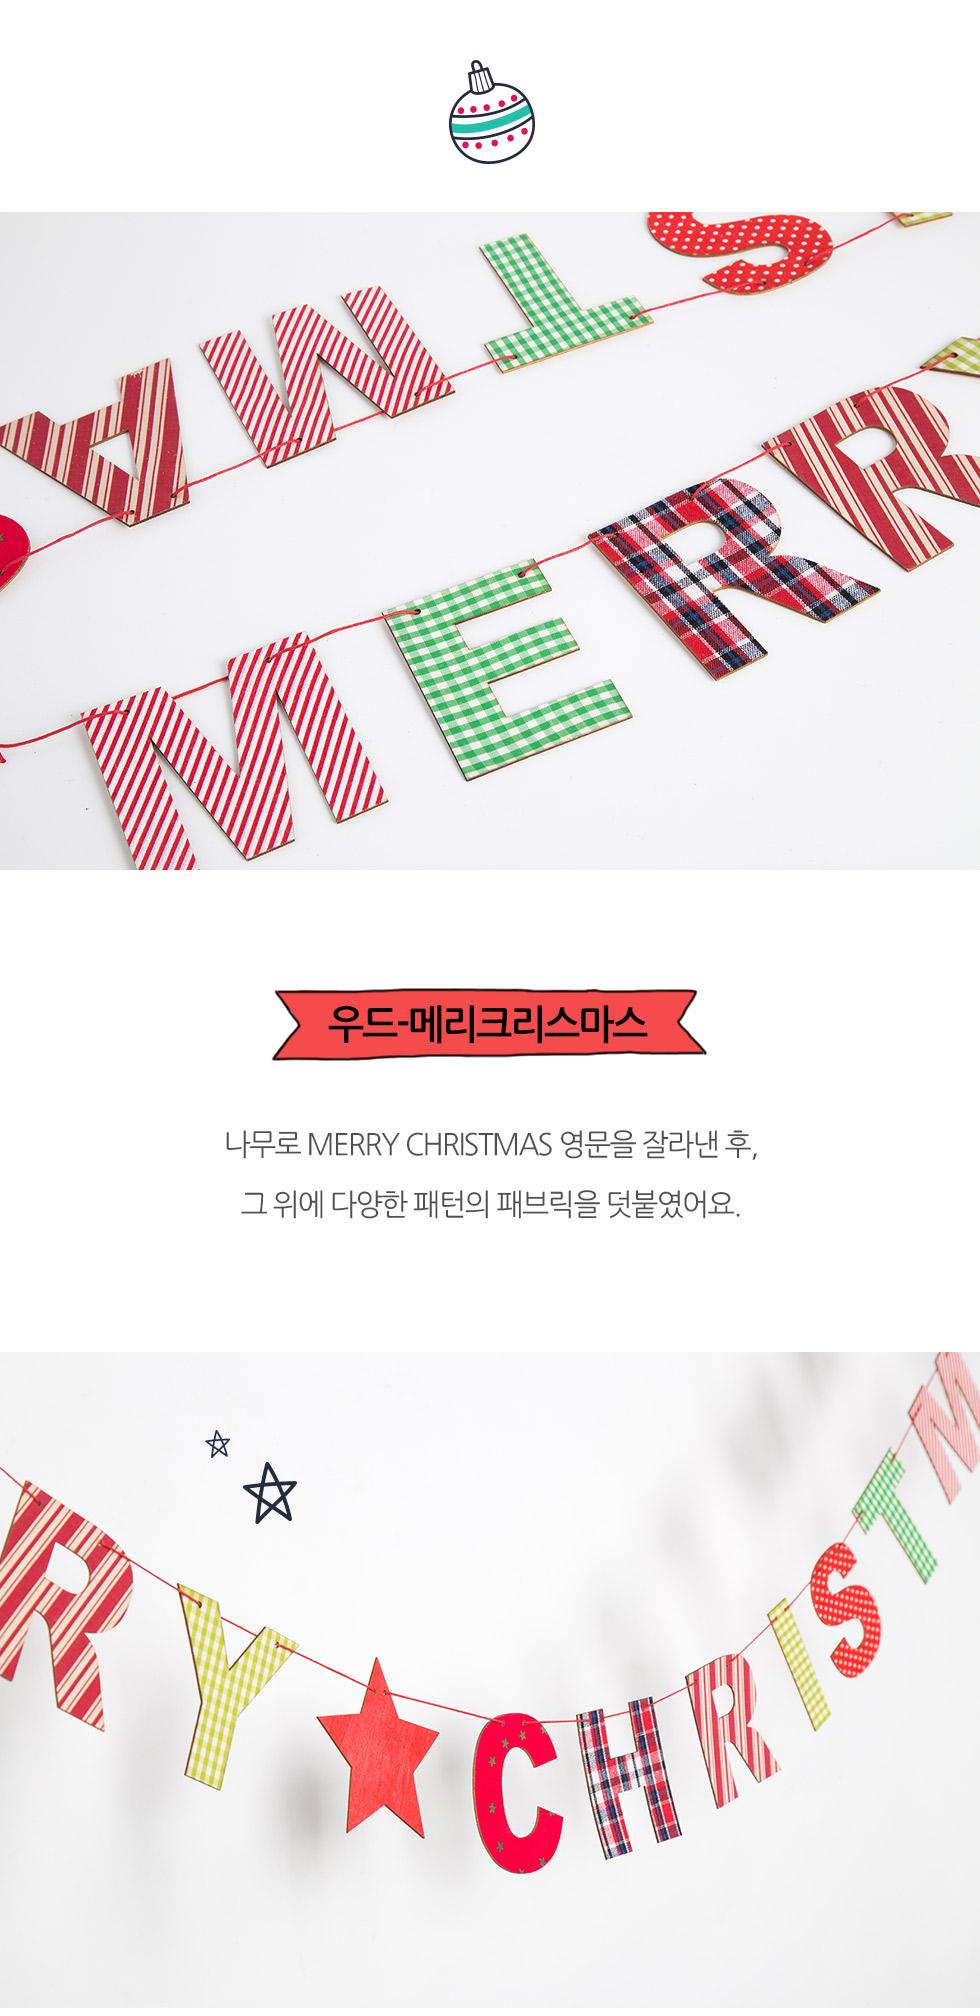 메리크리스마스 우드가랜드 - 우드컷팅된 메리크리스마스 영문철자 위에 크리스마스 패턴 패브릭으로 덧붙였어요